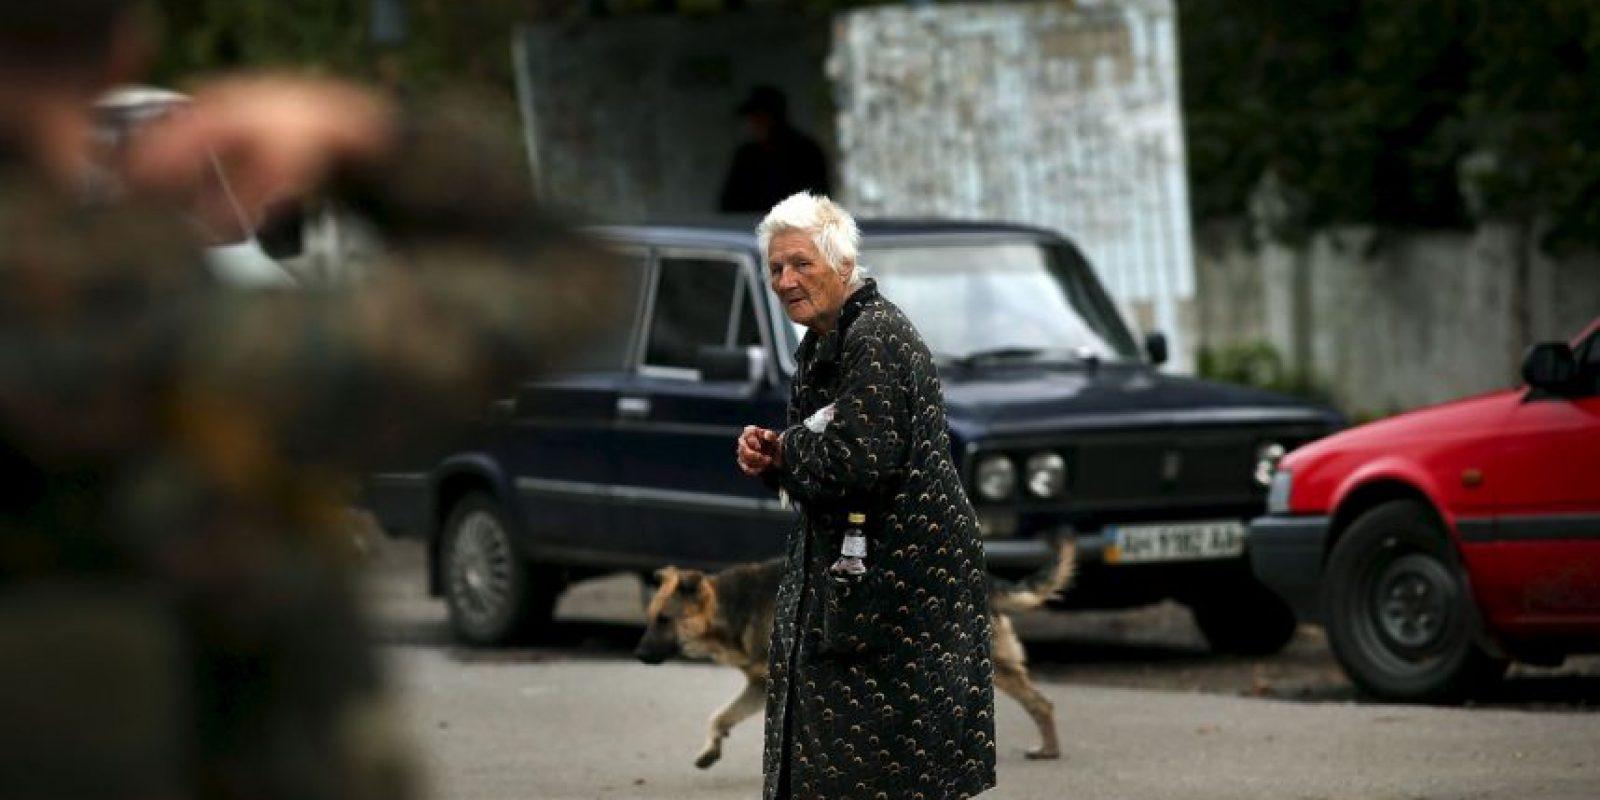 El estudio publicado en la revista Lancet indica que las mujeres viven más, porque tienen una mejor calidad de vida Foto:Getty